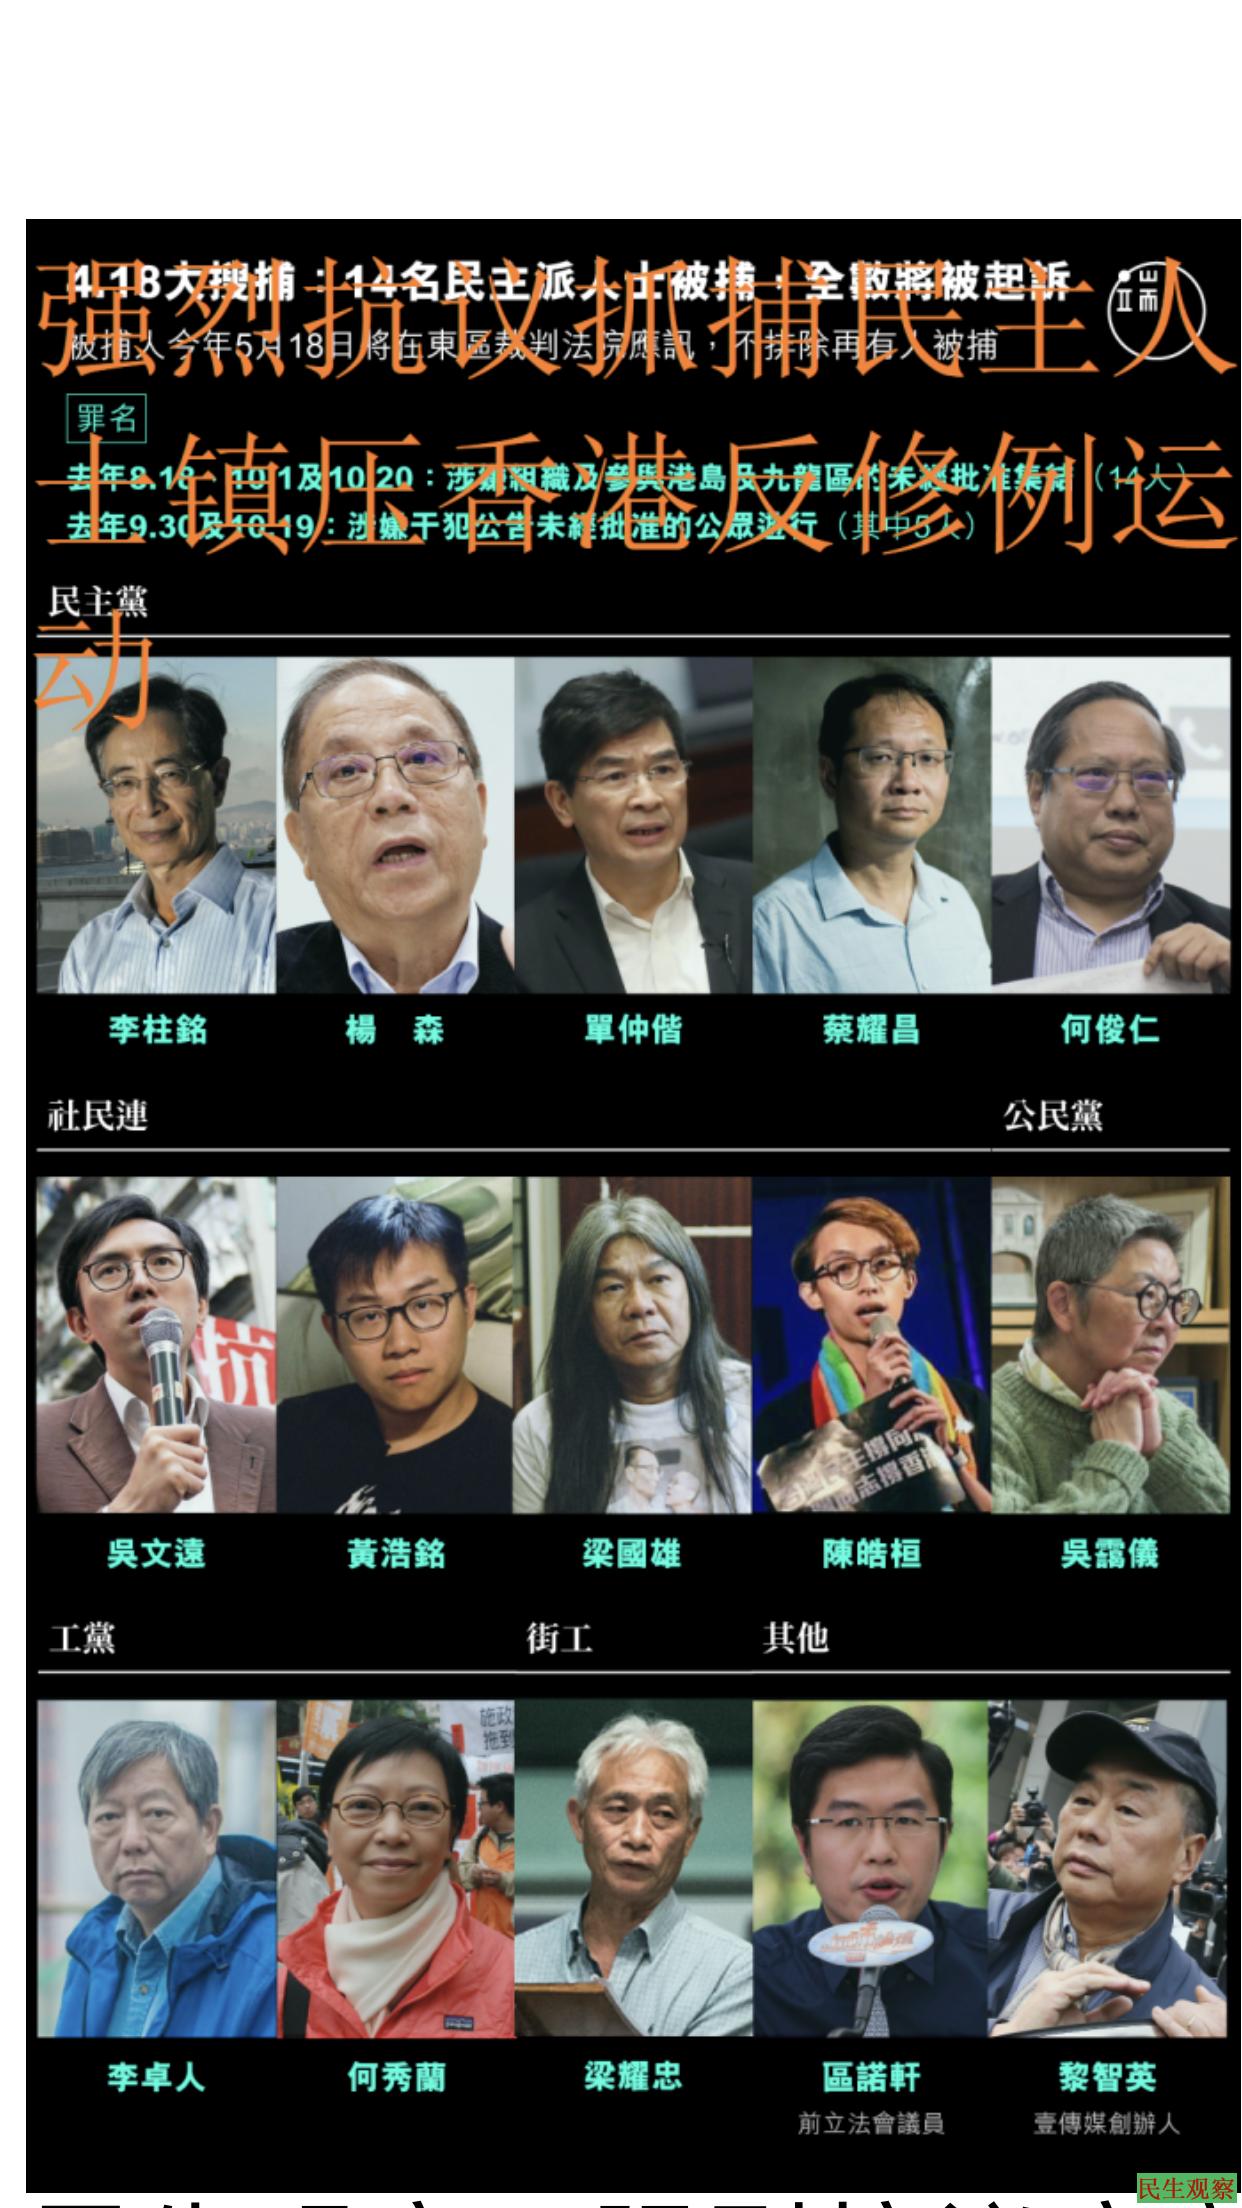 强烈抗议疫灾之下中共疯狂镇压香港反修例运动